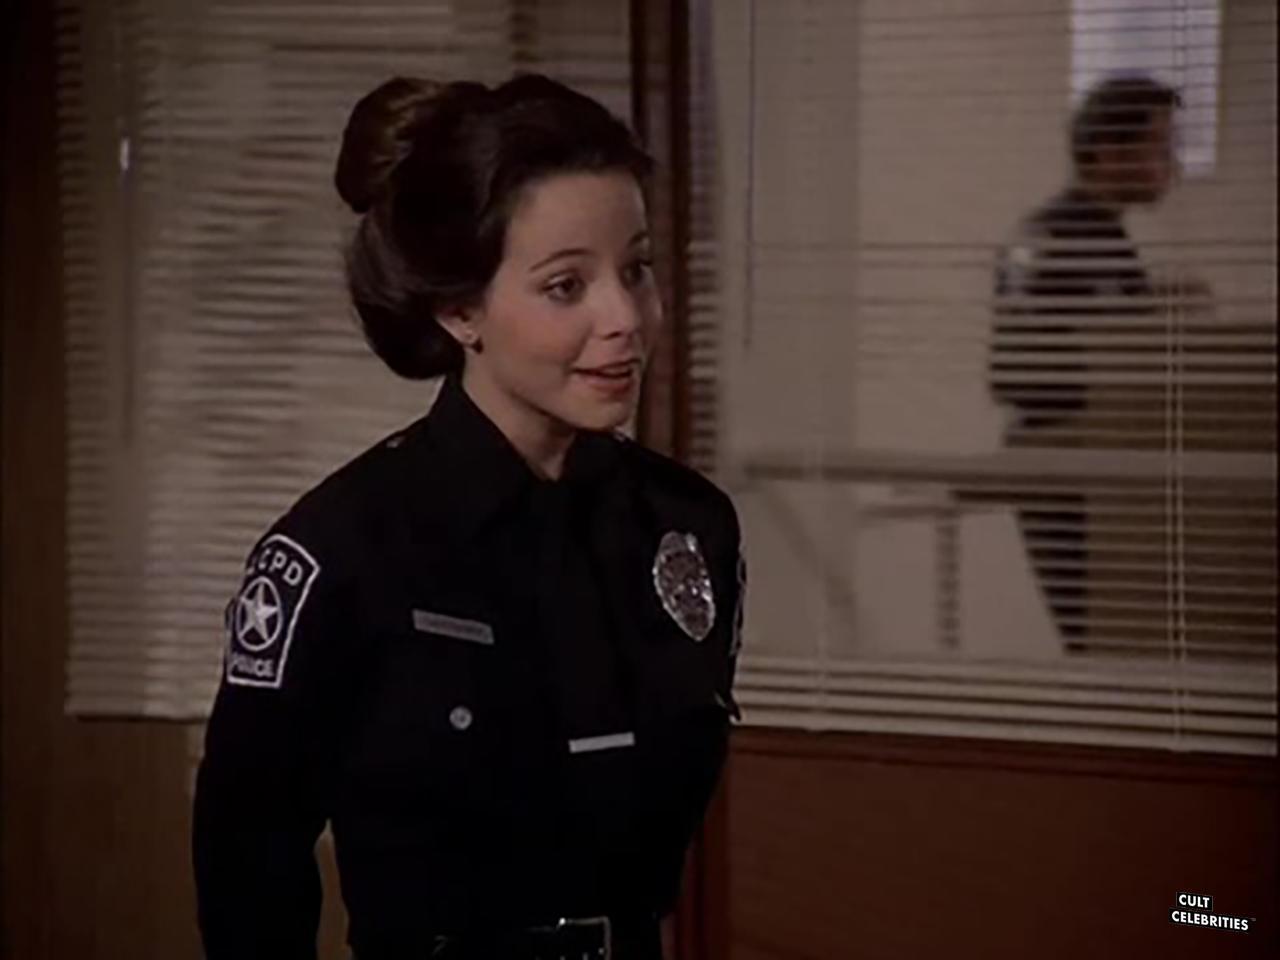 Debra Blee in T.J. Hooker (1982)